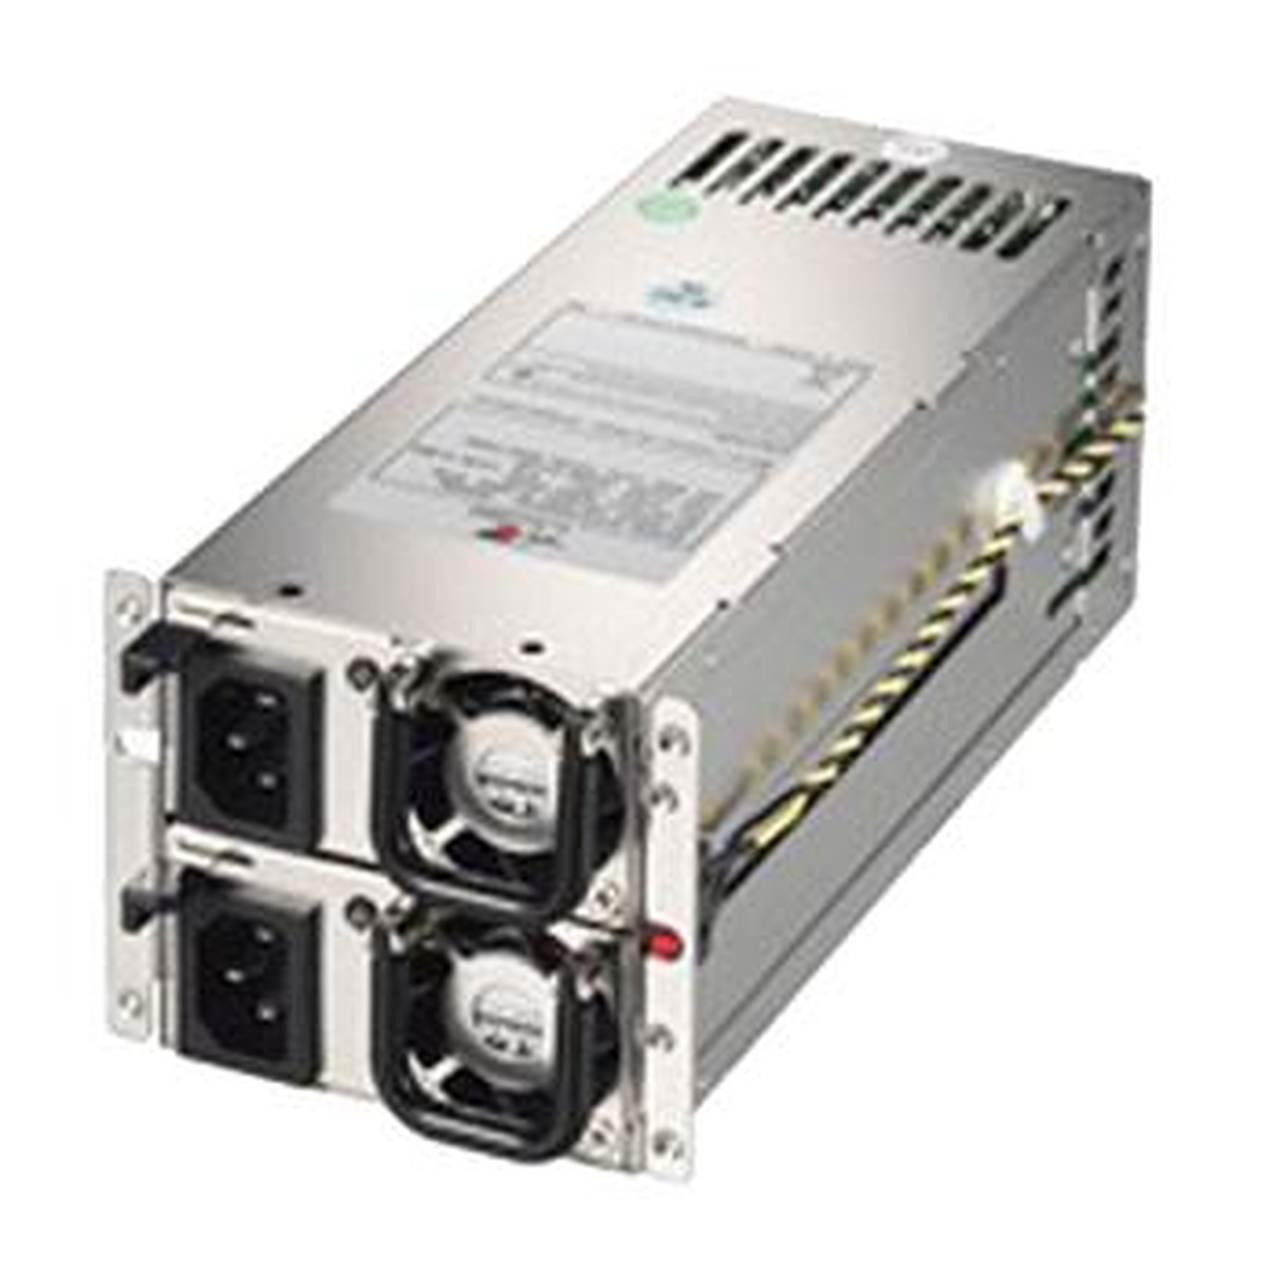 ZIPPY 2U REDUNDANT PSU 500W M1P2-5500V4V